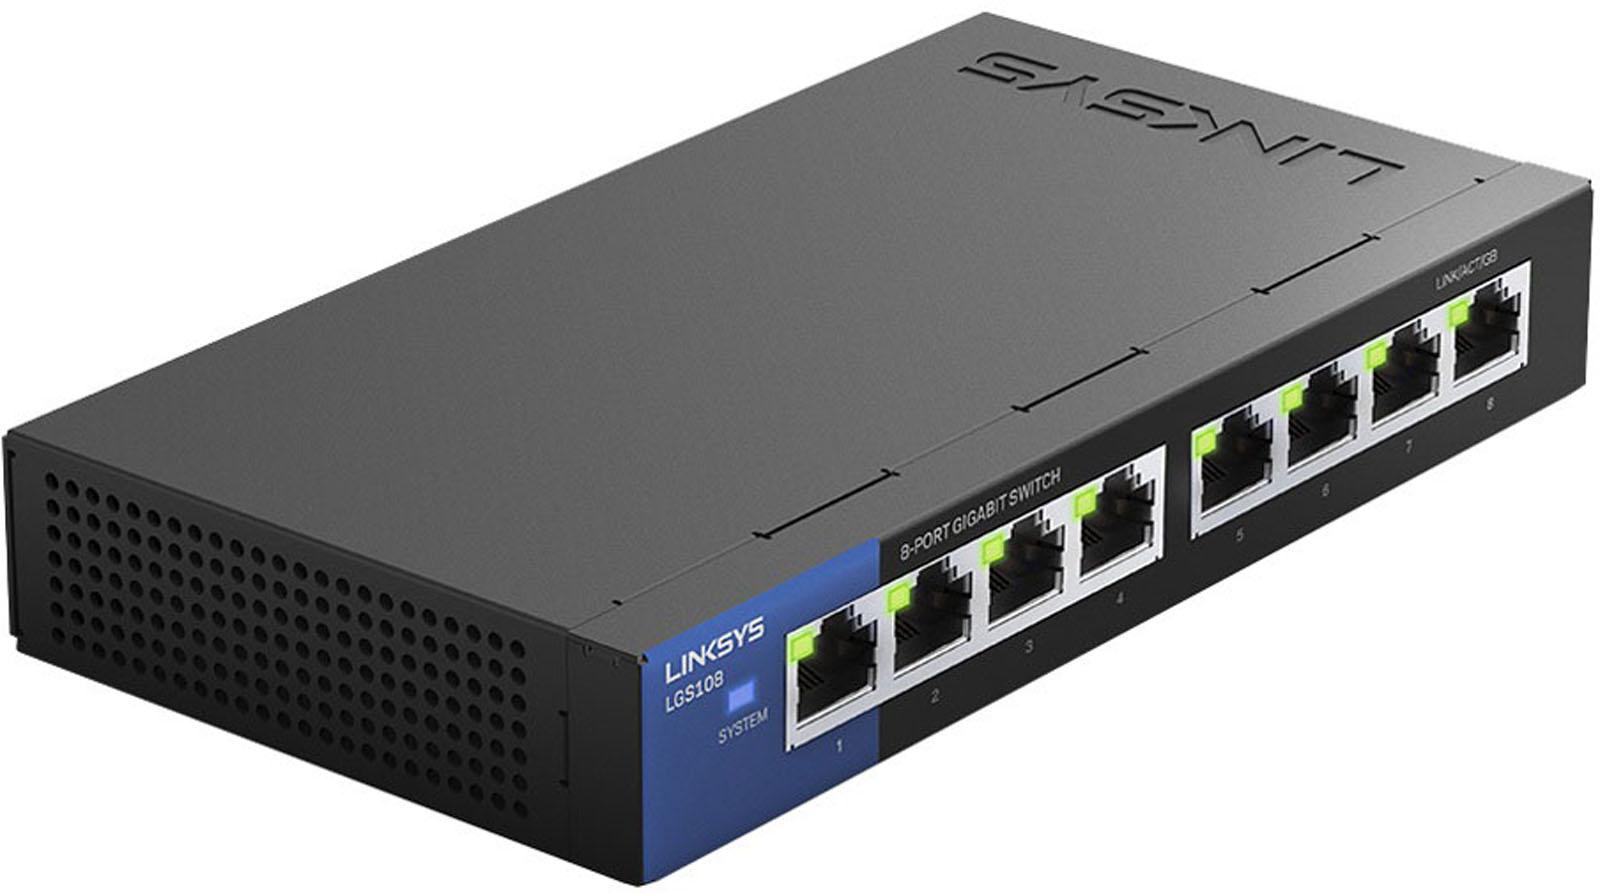 Linksys netwerk switch LGS108 EU RTL